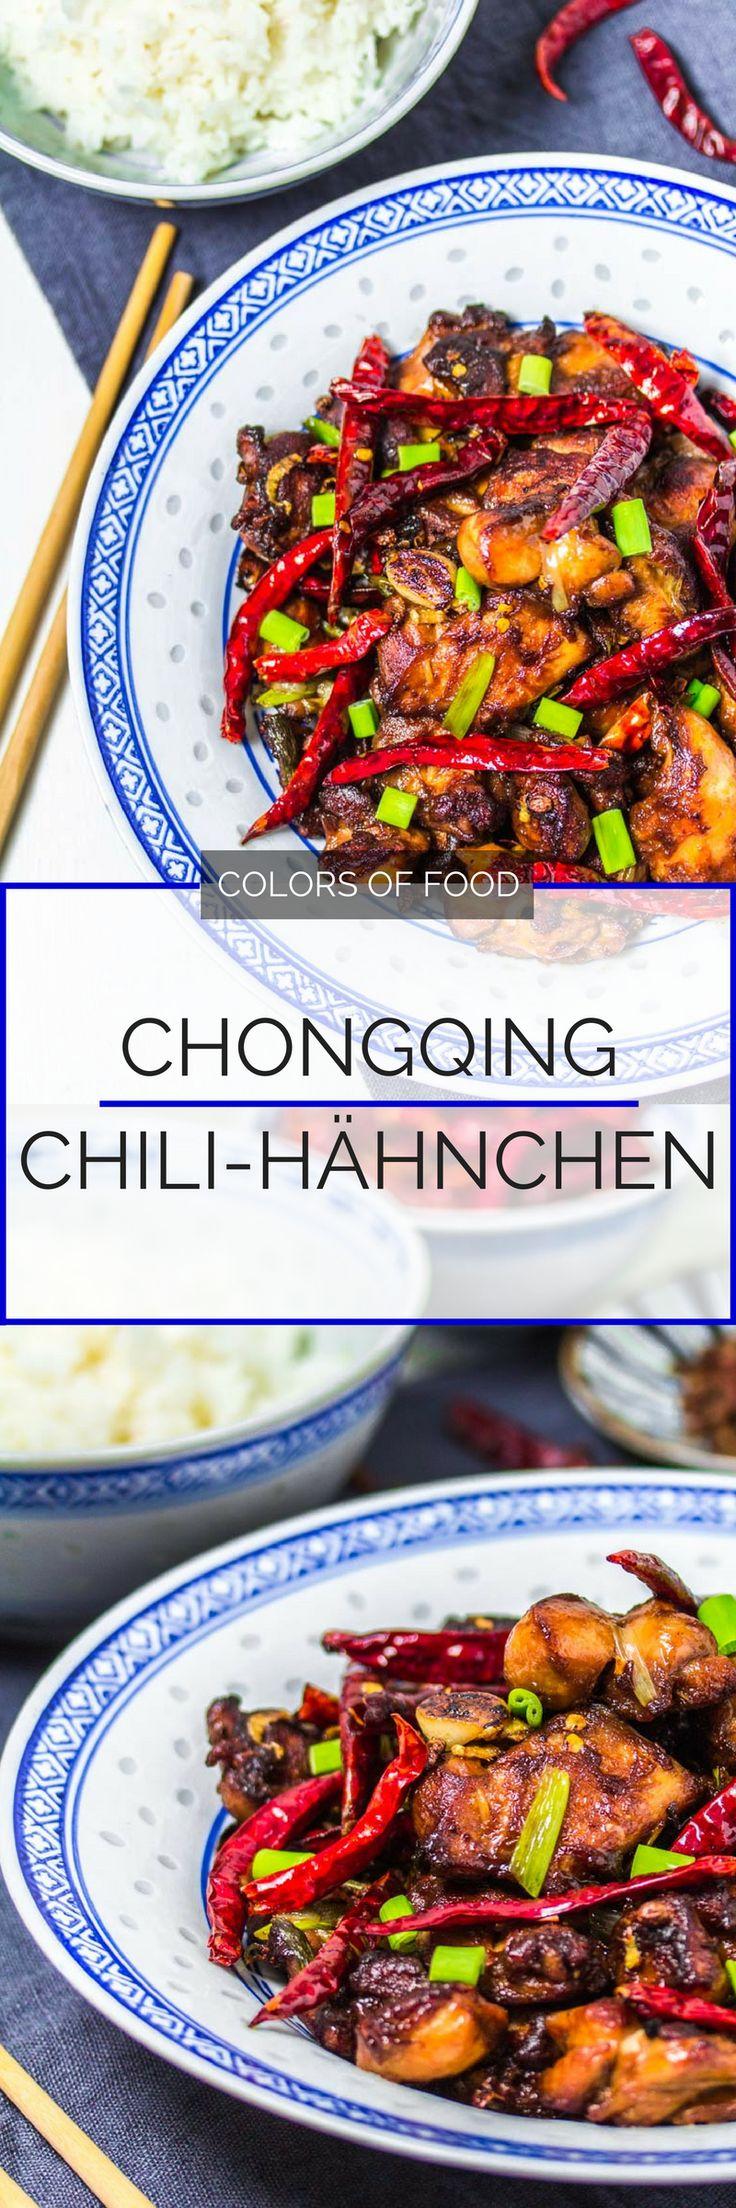 Bist du bereit für eine kleine Mutprobe? Dieses Hähnchengericht aus Chongqing ist genau das Richtige für Chili-Fans. Erfahre hier wie es geht!